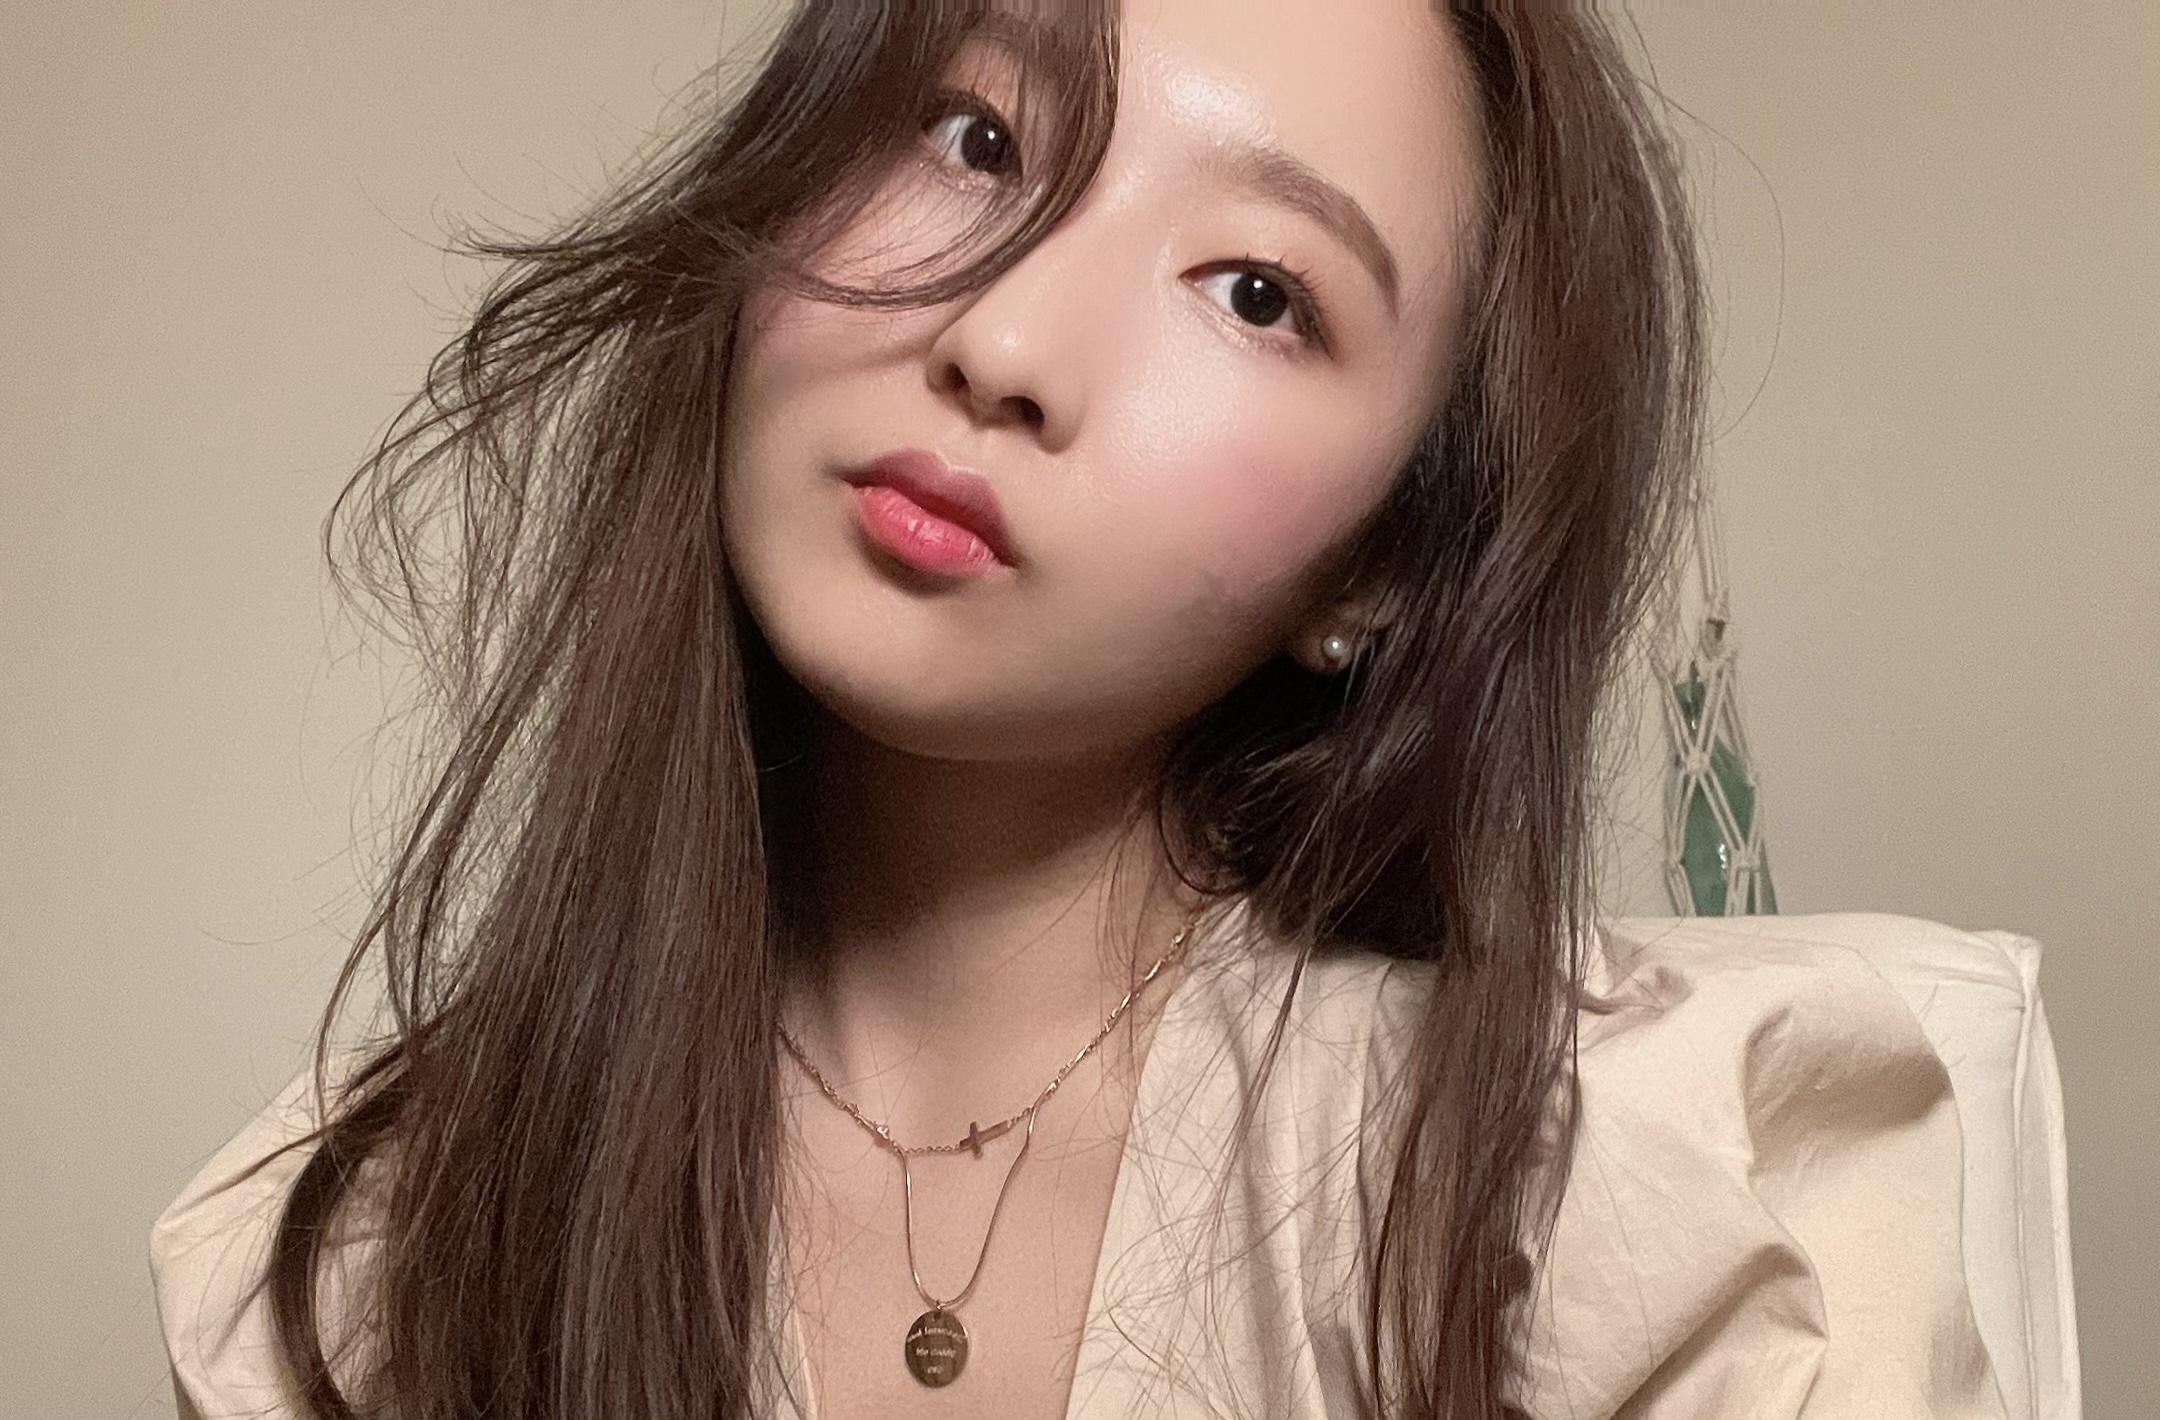 ♥윤소린님의 프로필 이미지입니다.